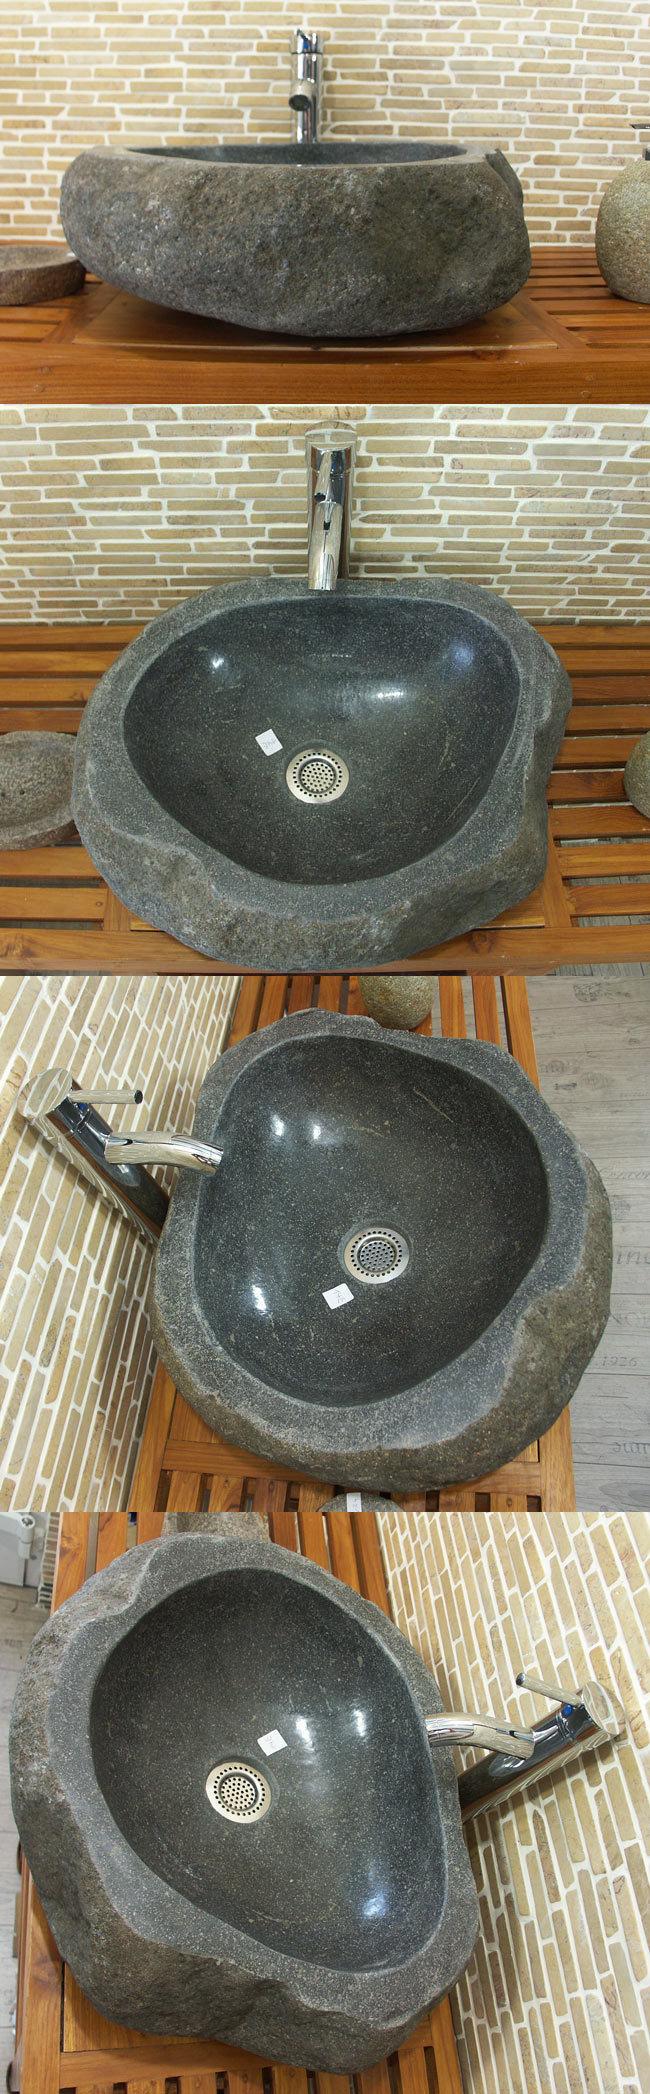 waschbecken aus flussstein bafs 14e ein unikat f r ihr bad. Black Bedroom Furniture Sets. Home Design Ideas